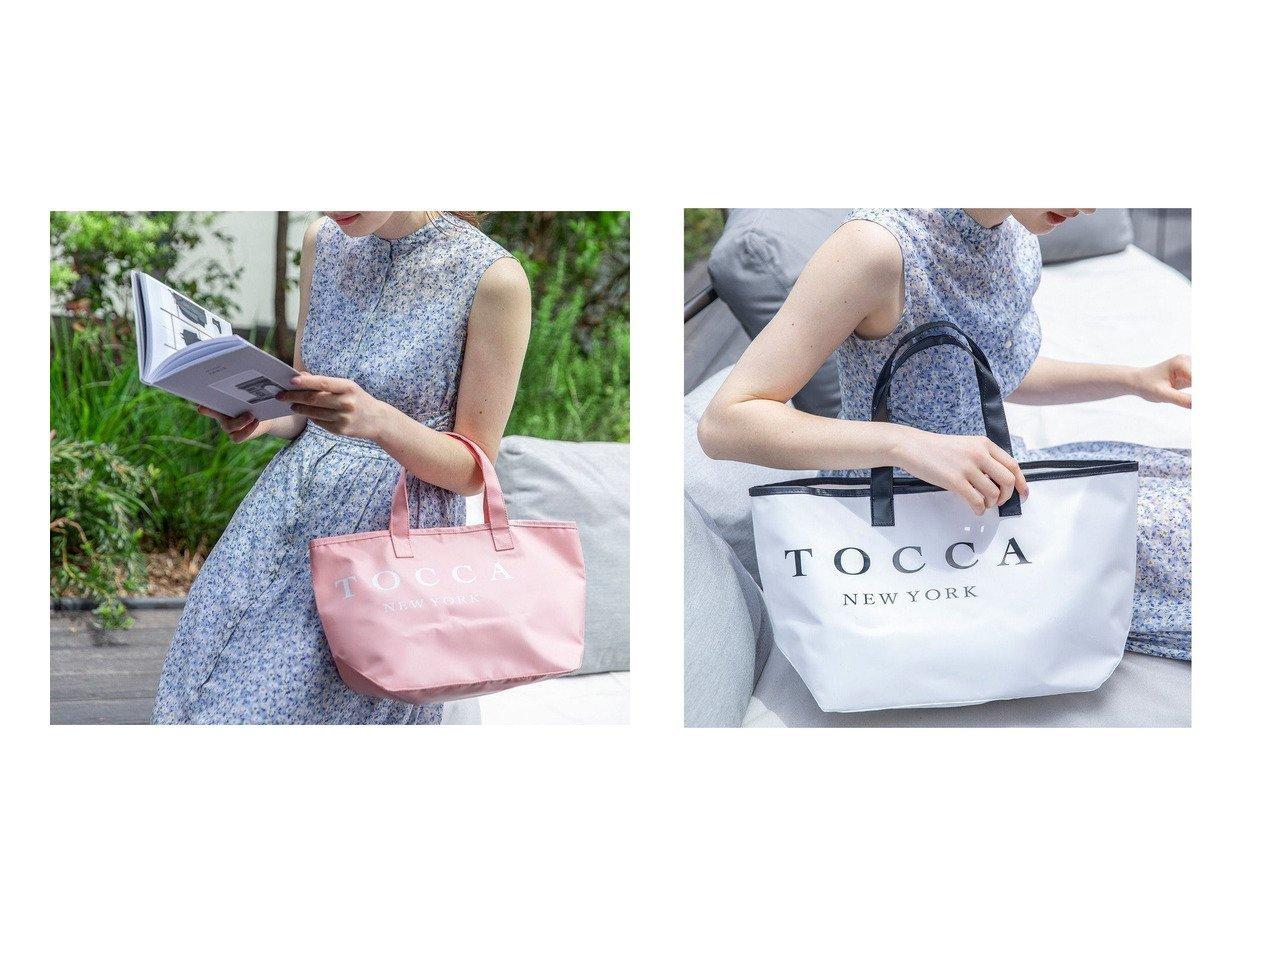 【TOCCA/トッカ】のCITTATOTE M トートバッグ M&CITTA TOTE L トートバッグ L 【バッグ・鞄】おすすめ!人気、トレンド・レディースファッションの通販 おすすめで人気の流行・トレンド、ファッションの通販商品 インテリア・家具・メンズファッション・キッズファッション・レディースファッション・服の通販 founy(ファニー) https://founy.com/ ファッション Fashion レディースファッション WOMEN バッグ Bag 送料無料 Free Shipping おすすめ Recommend アシンメトリー スタイリッシュ ビーチ プリント ポケット モノトーン 財布 |ID:crp329100000049438